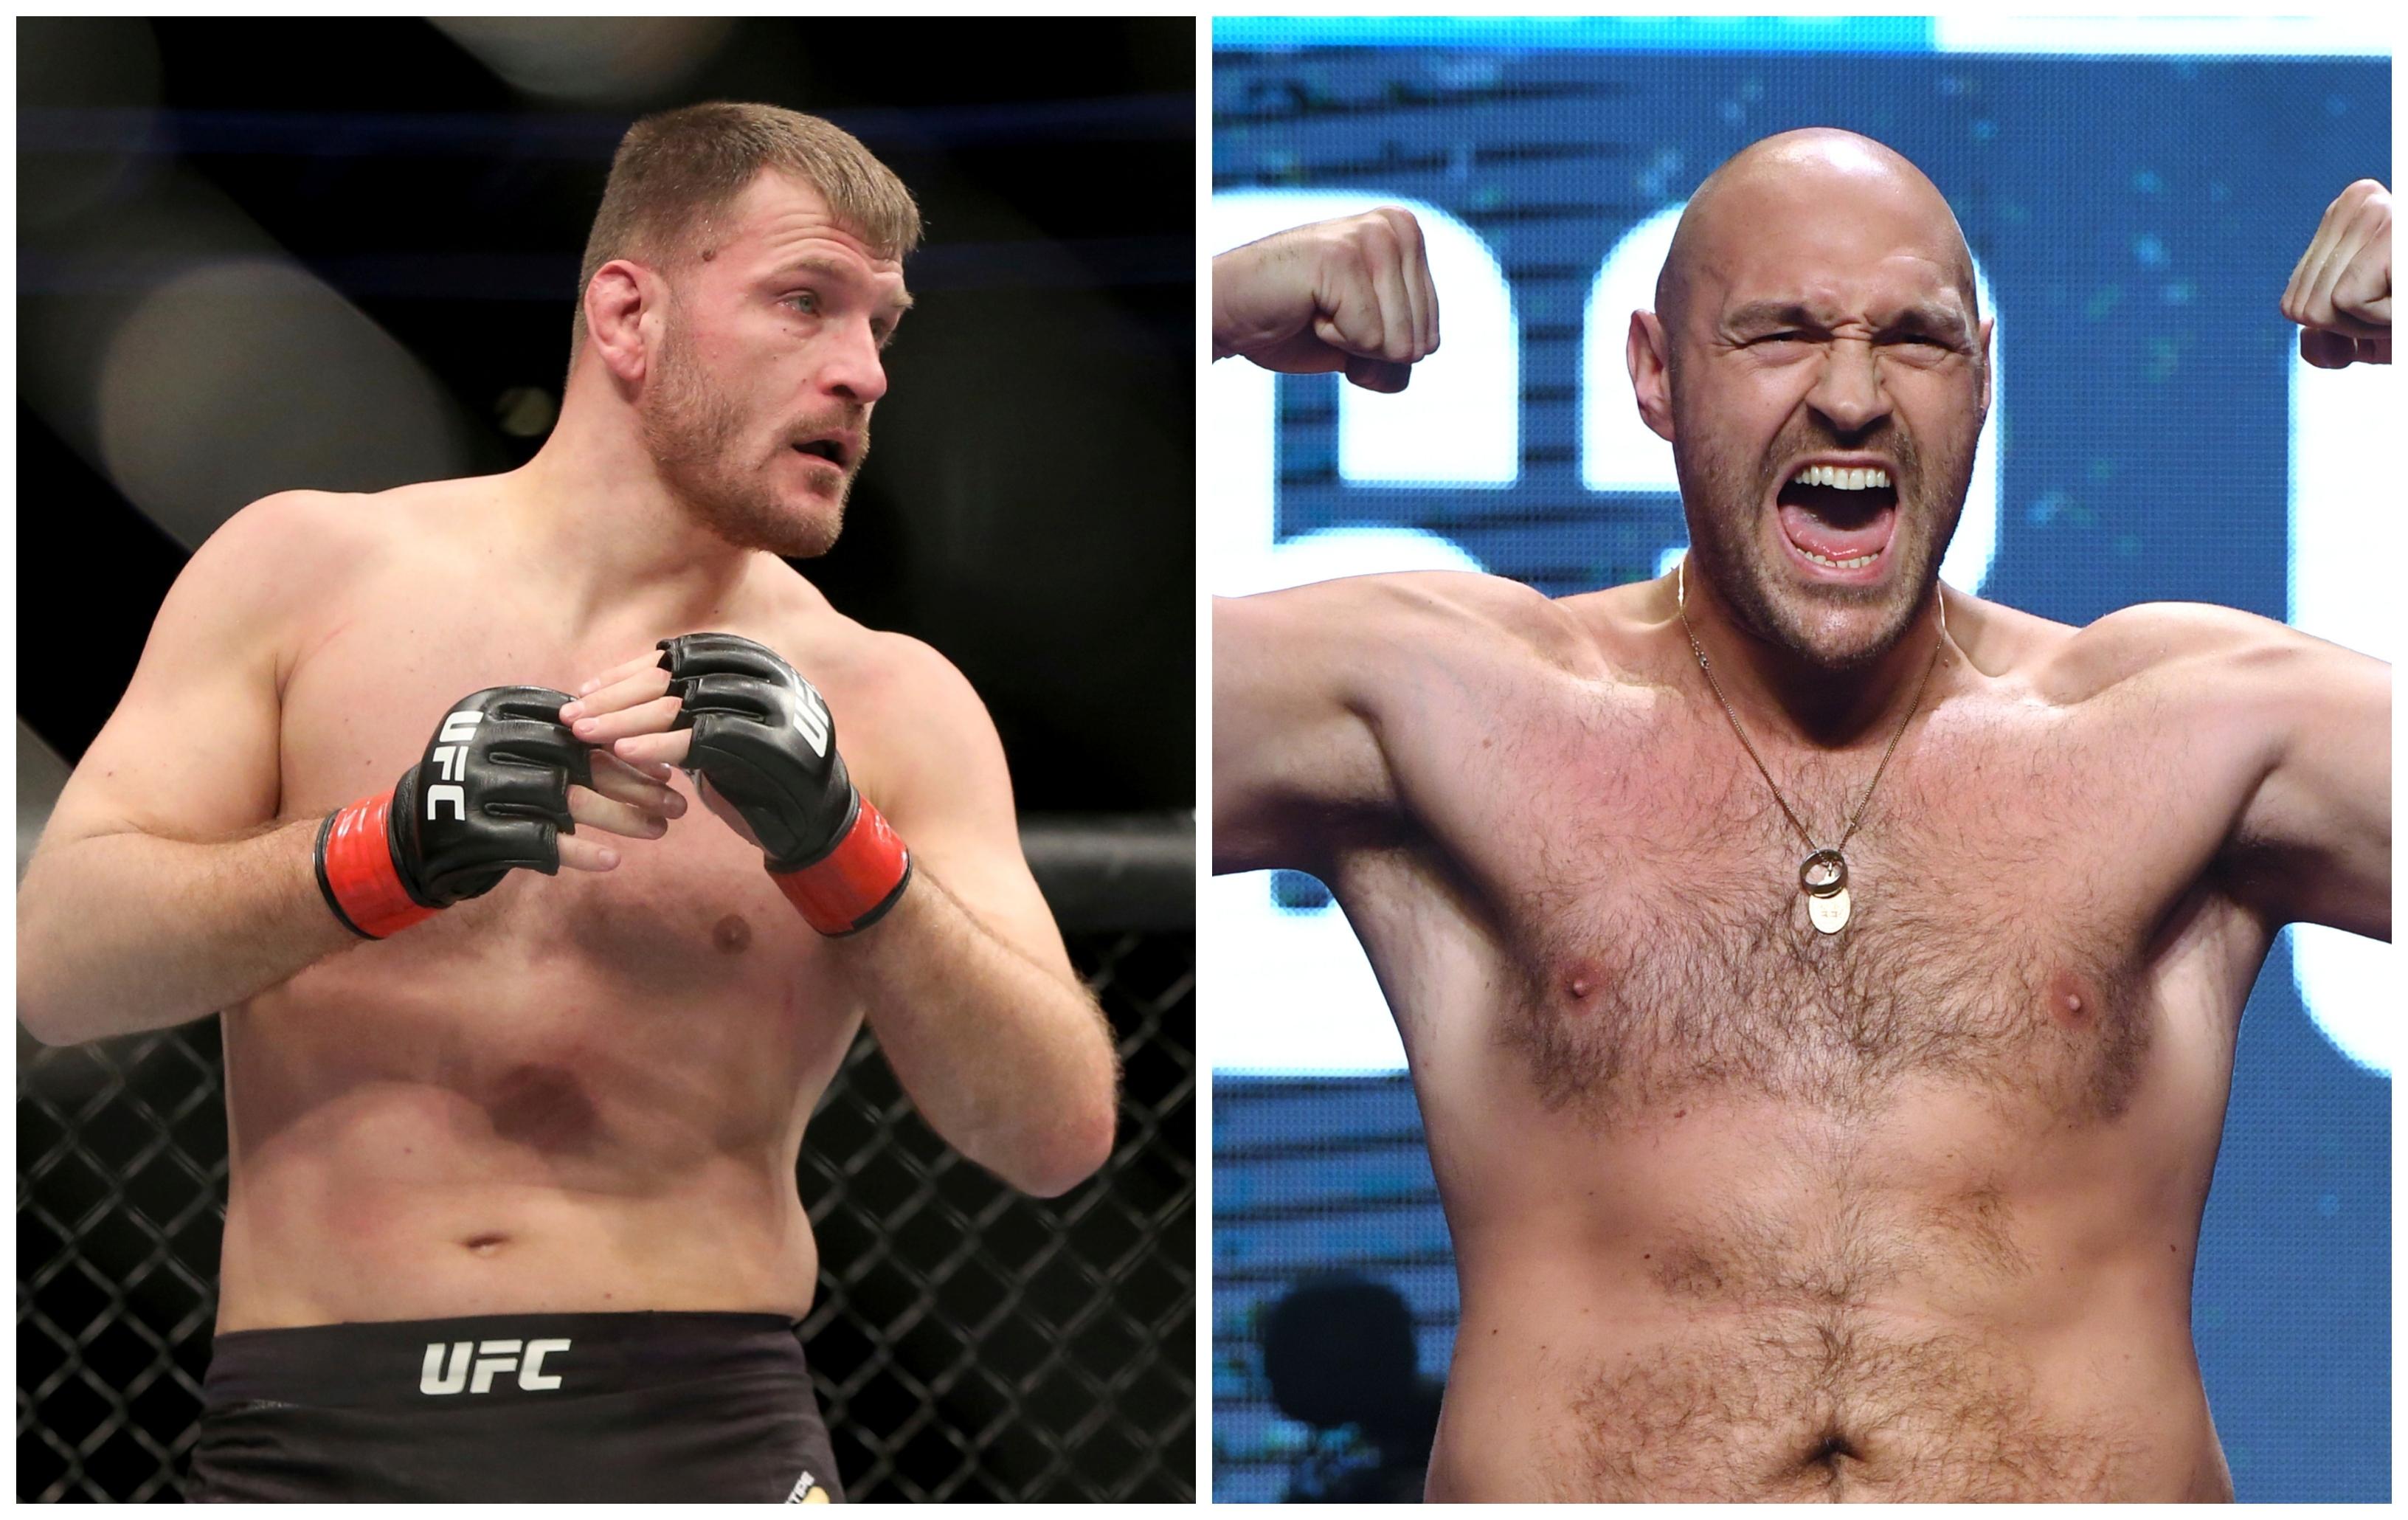 Шампионът на UFC в тежка категори Стипе Миочич разкри, че